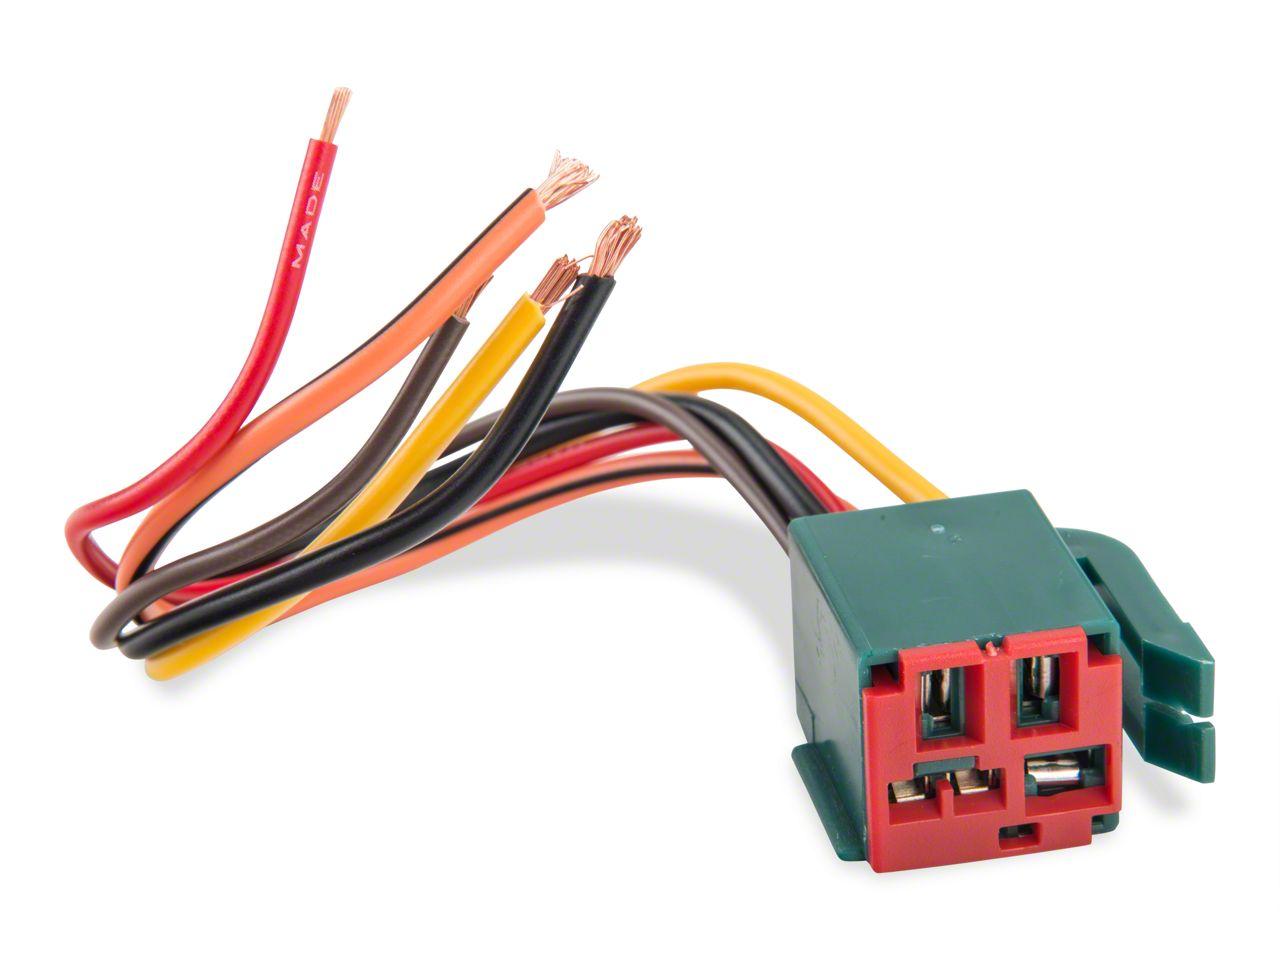 Opr mustang fuel pump relay repair harness all